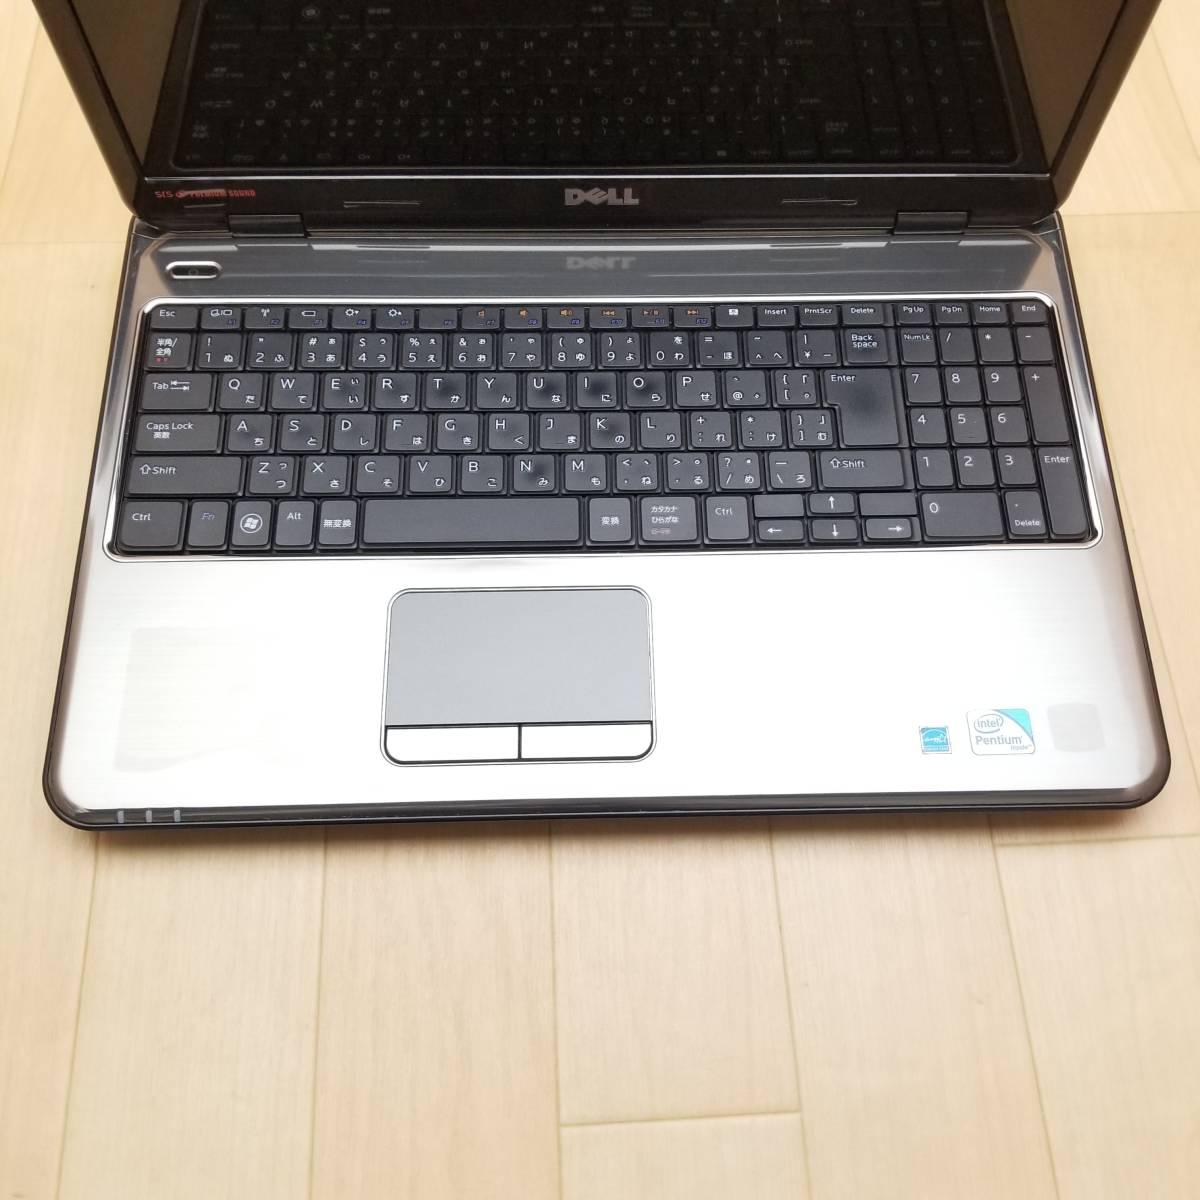 ★美品★HDD500GB/メモリ4GB/無線 Wi-Fi/Webカメラ/最新Office搭載/Win10/高性能Pentium P6200搭載/Inspiron N5010(C6078)_パームレストに薄いスレがあります。